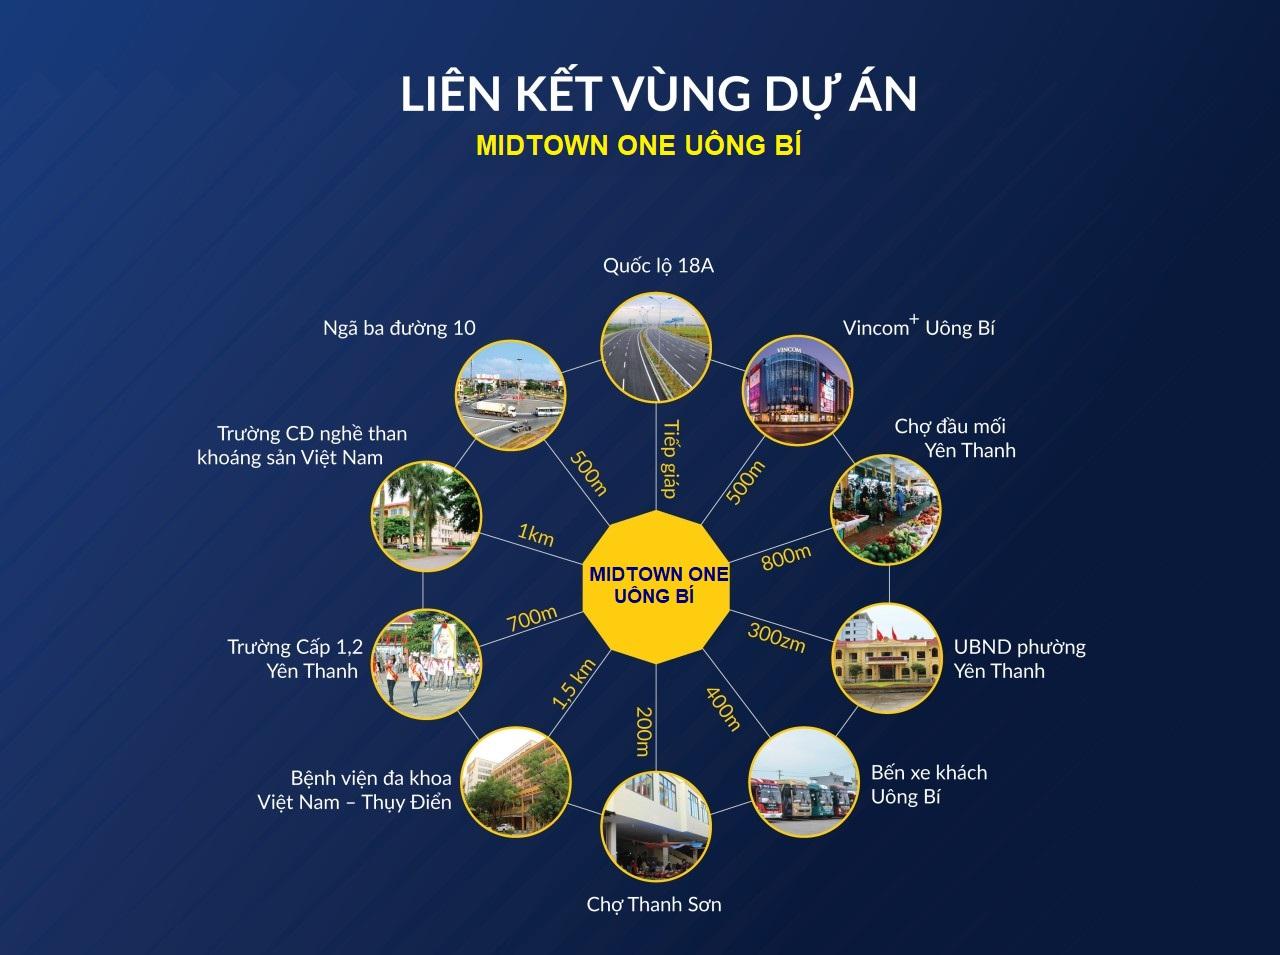 liên kết vùng dự án midtown one uông bí